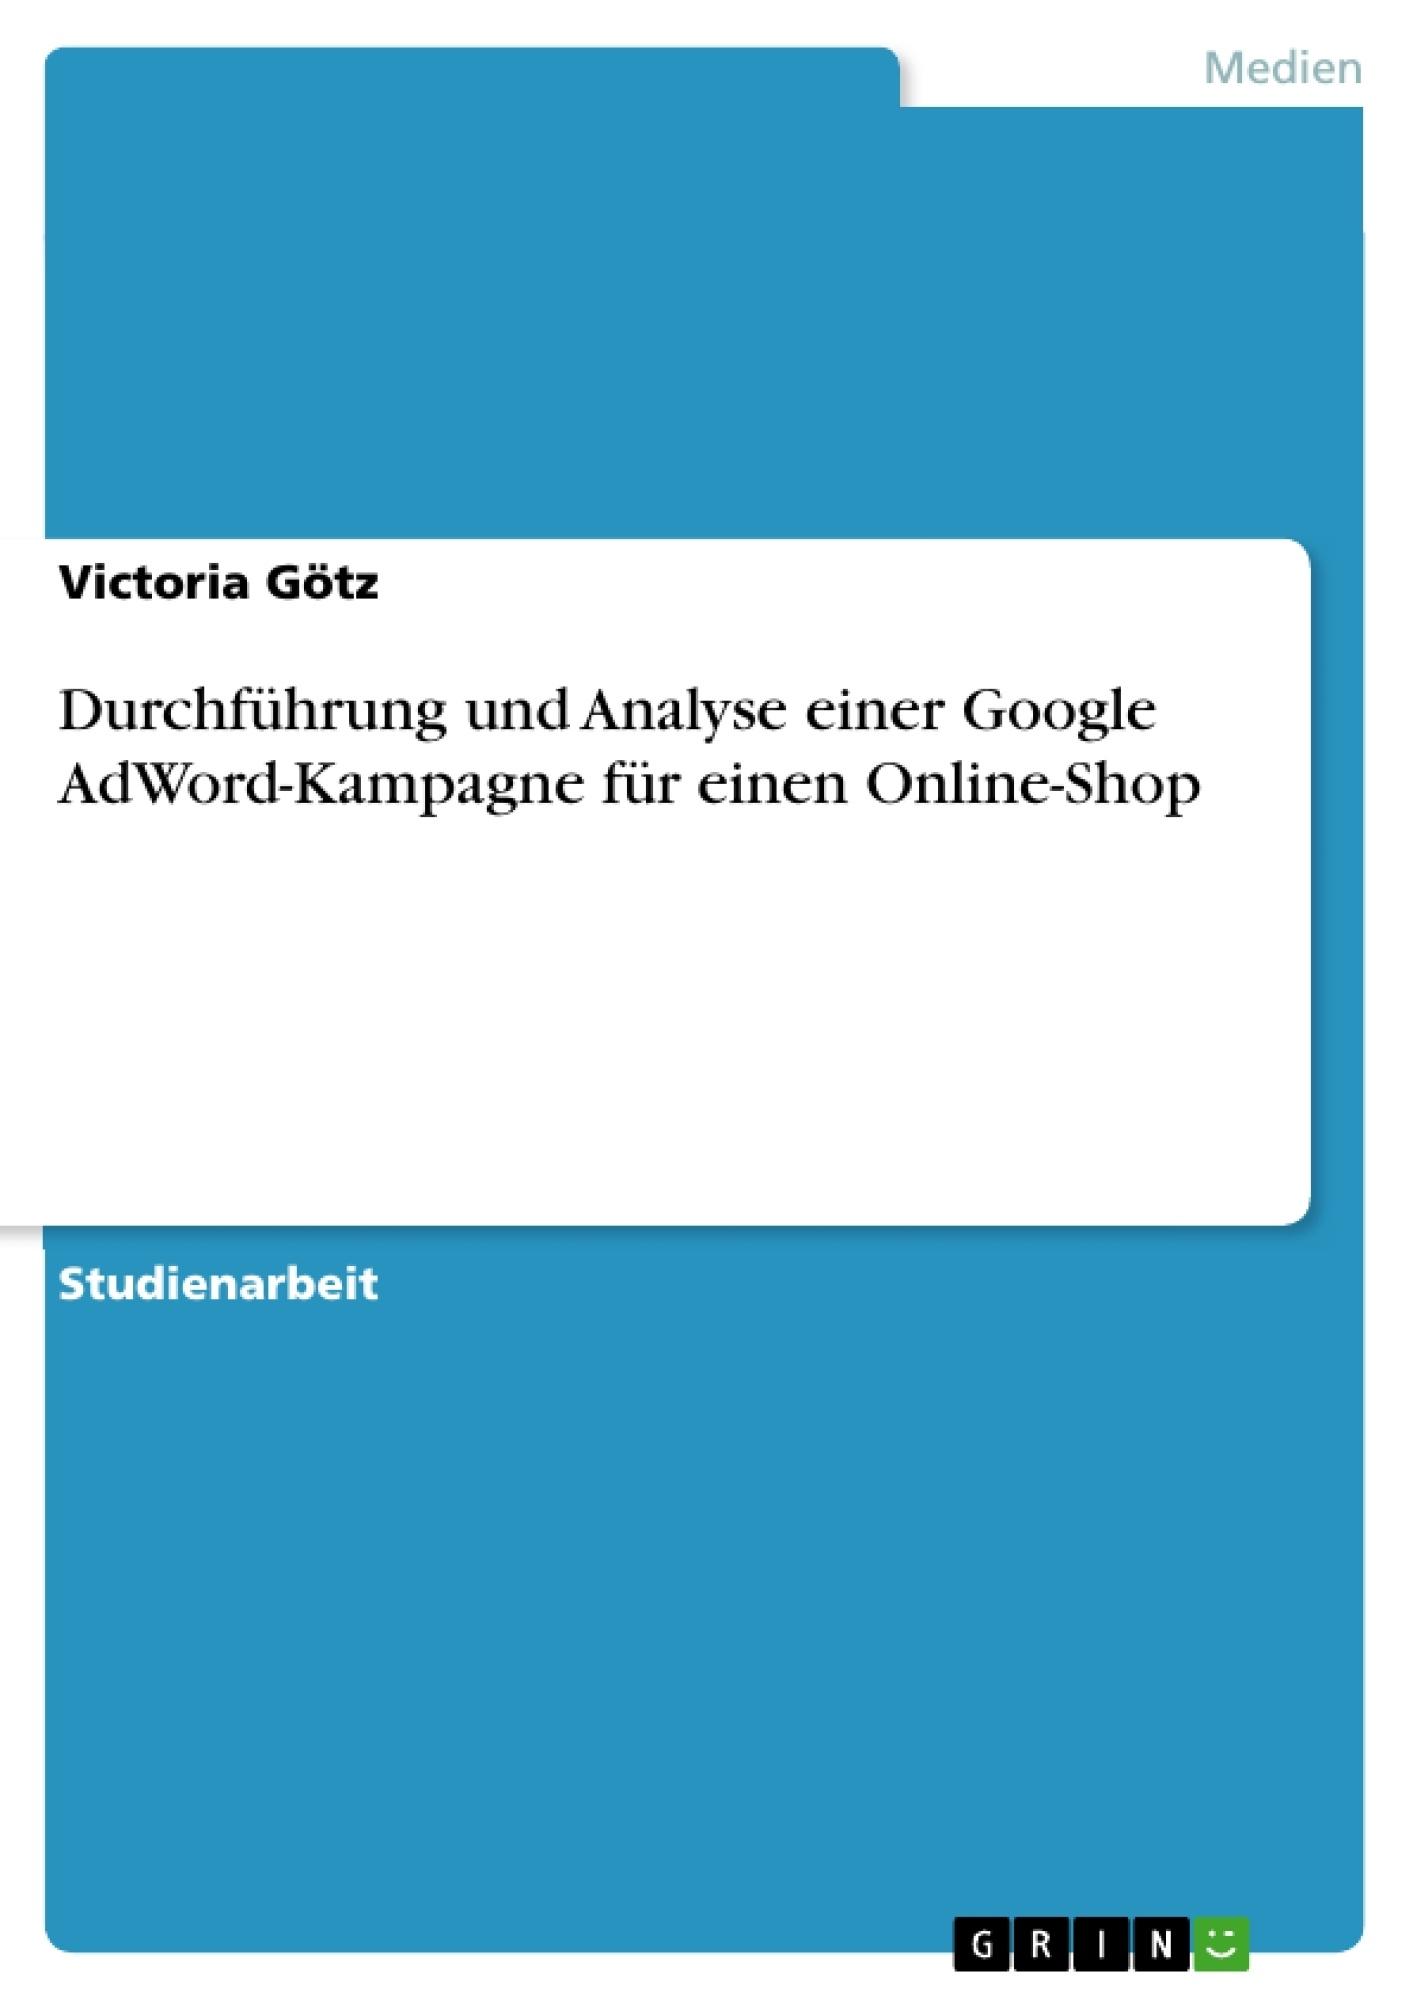 Titel: Durchführung und Analyse einer Google AdWord-Kampagne für einen Online-Shop